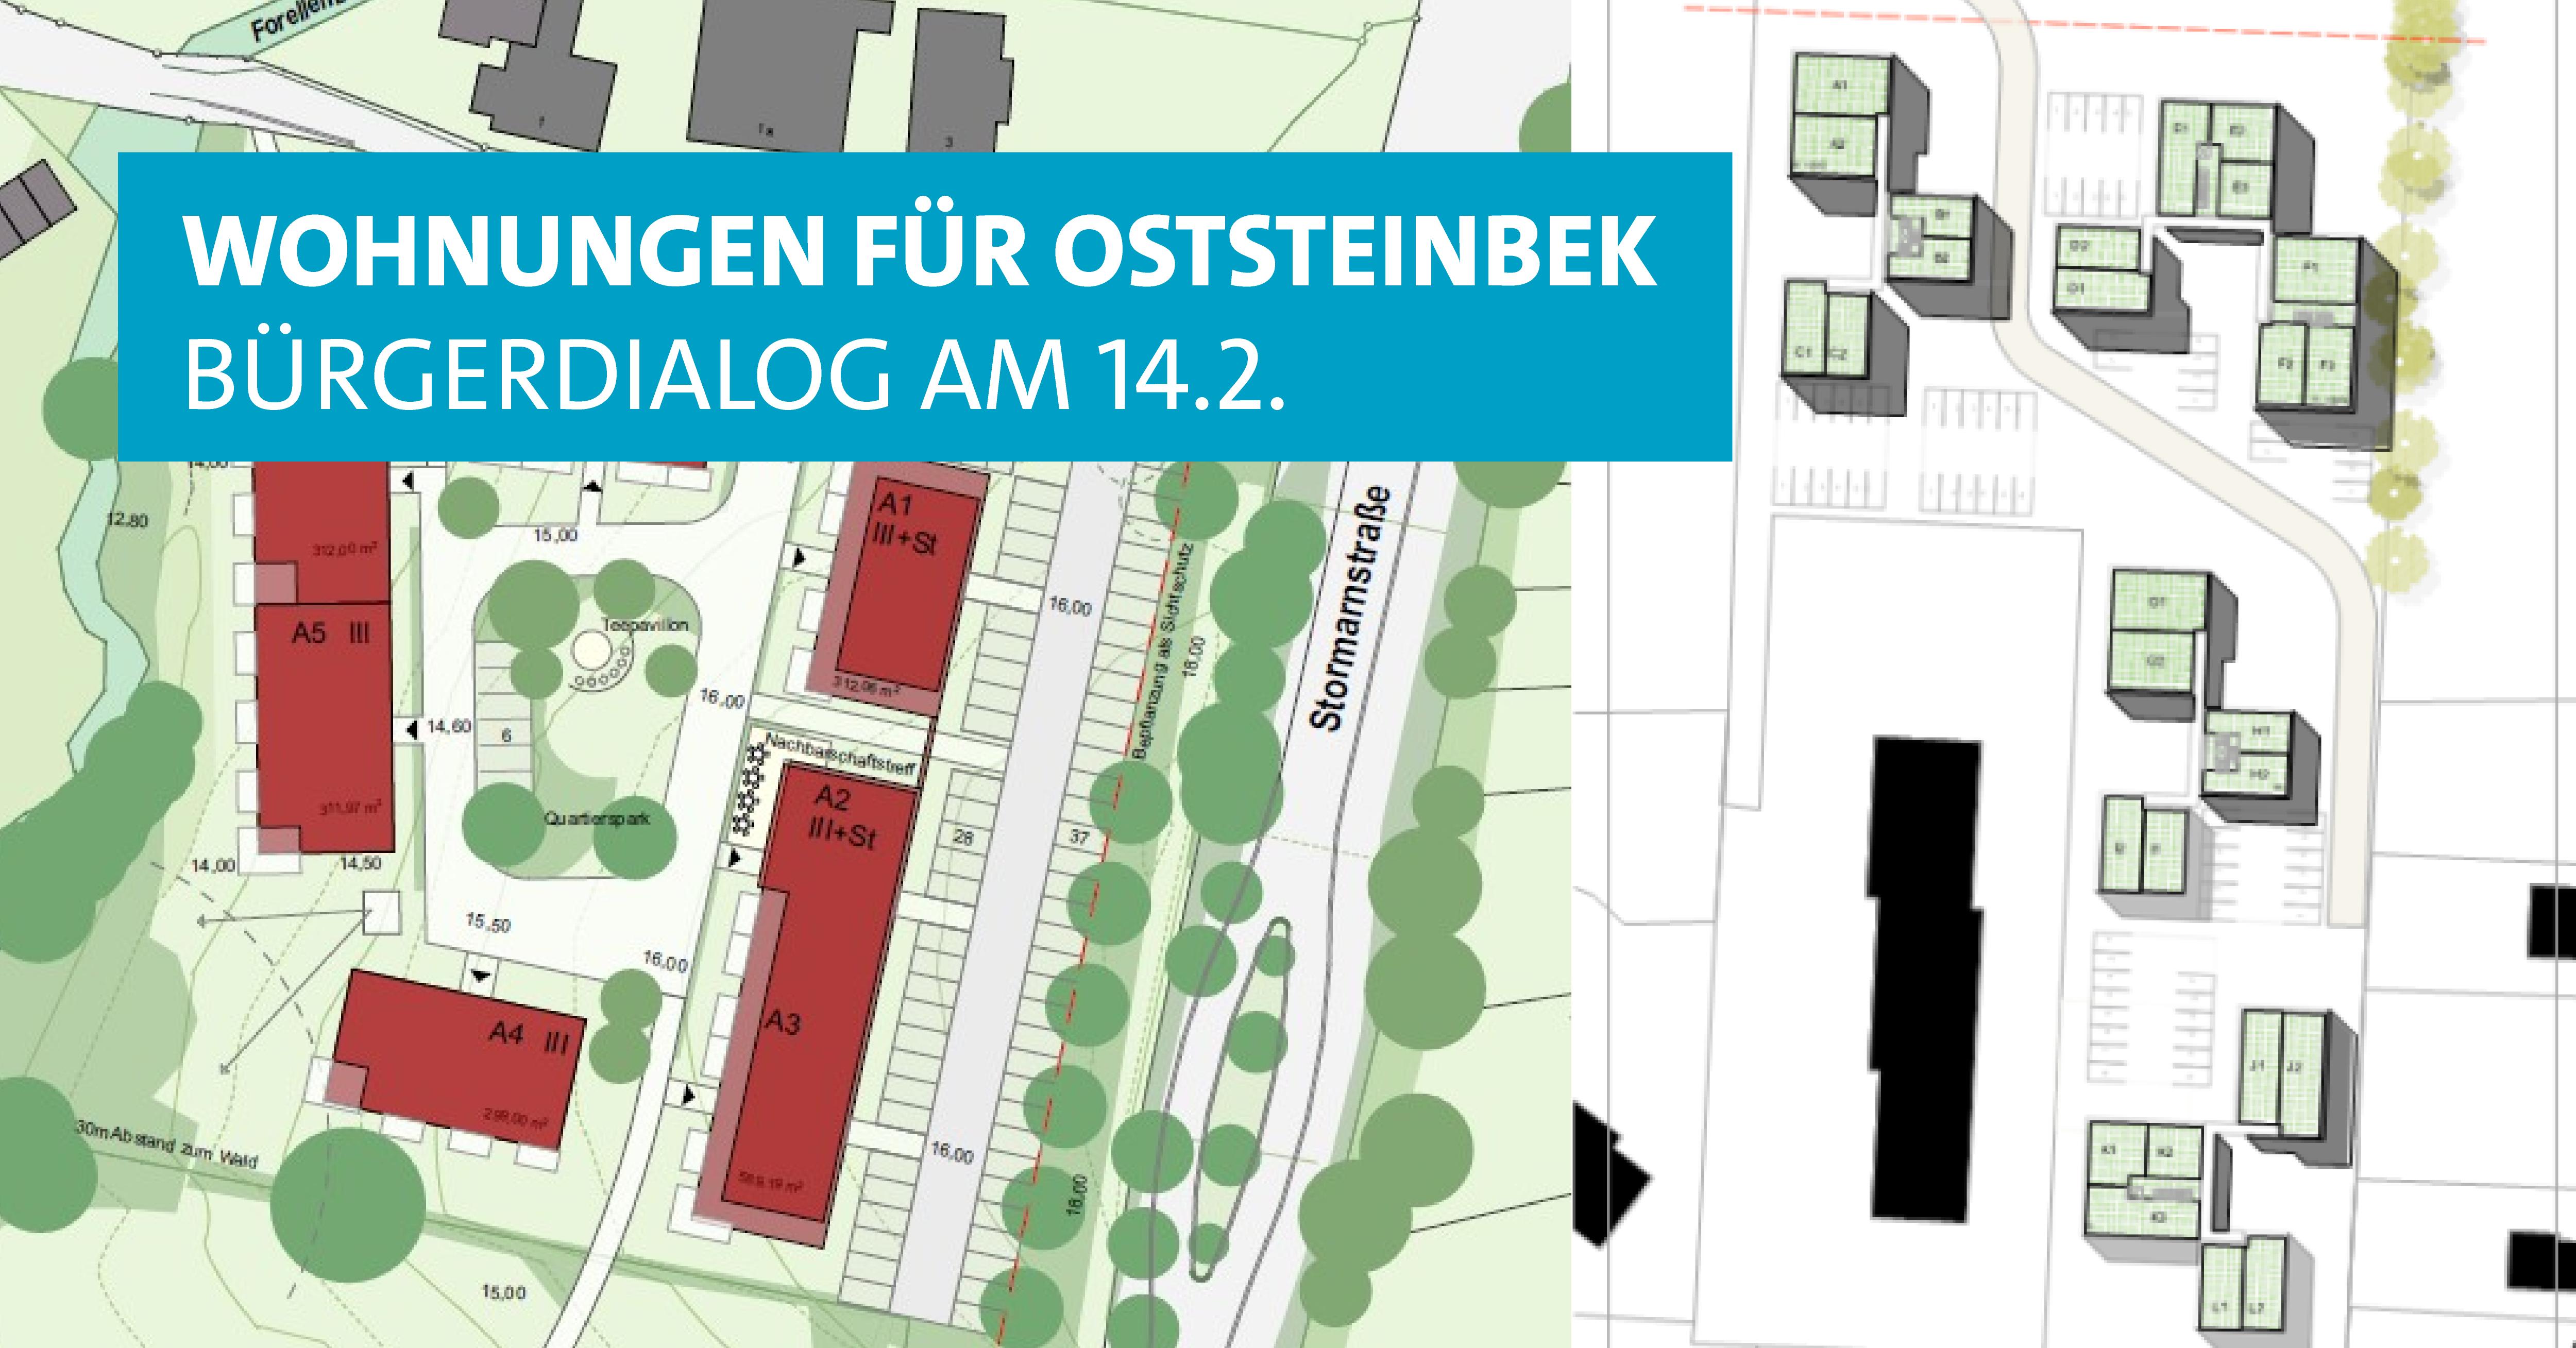 Einladung Zum Bürgerdialog Wohnungen Für Oststeinbek Spd Oststeinbek